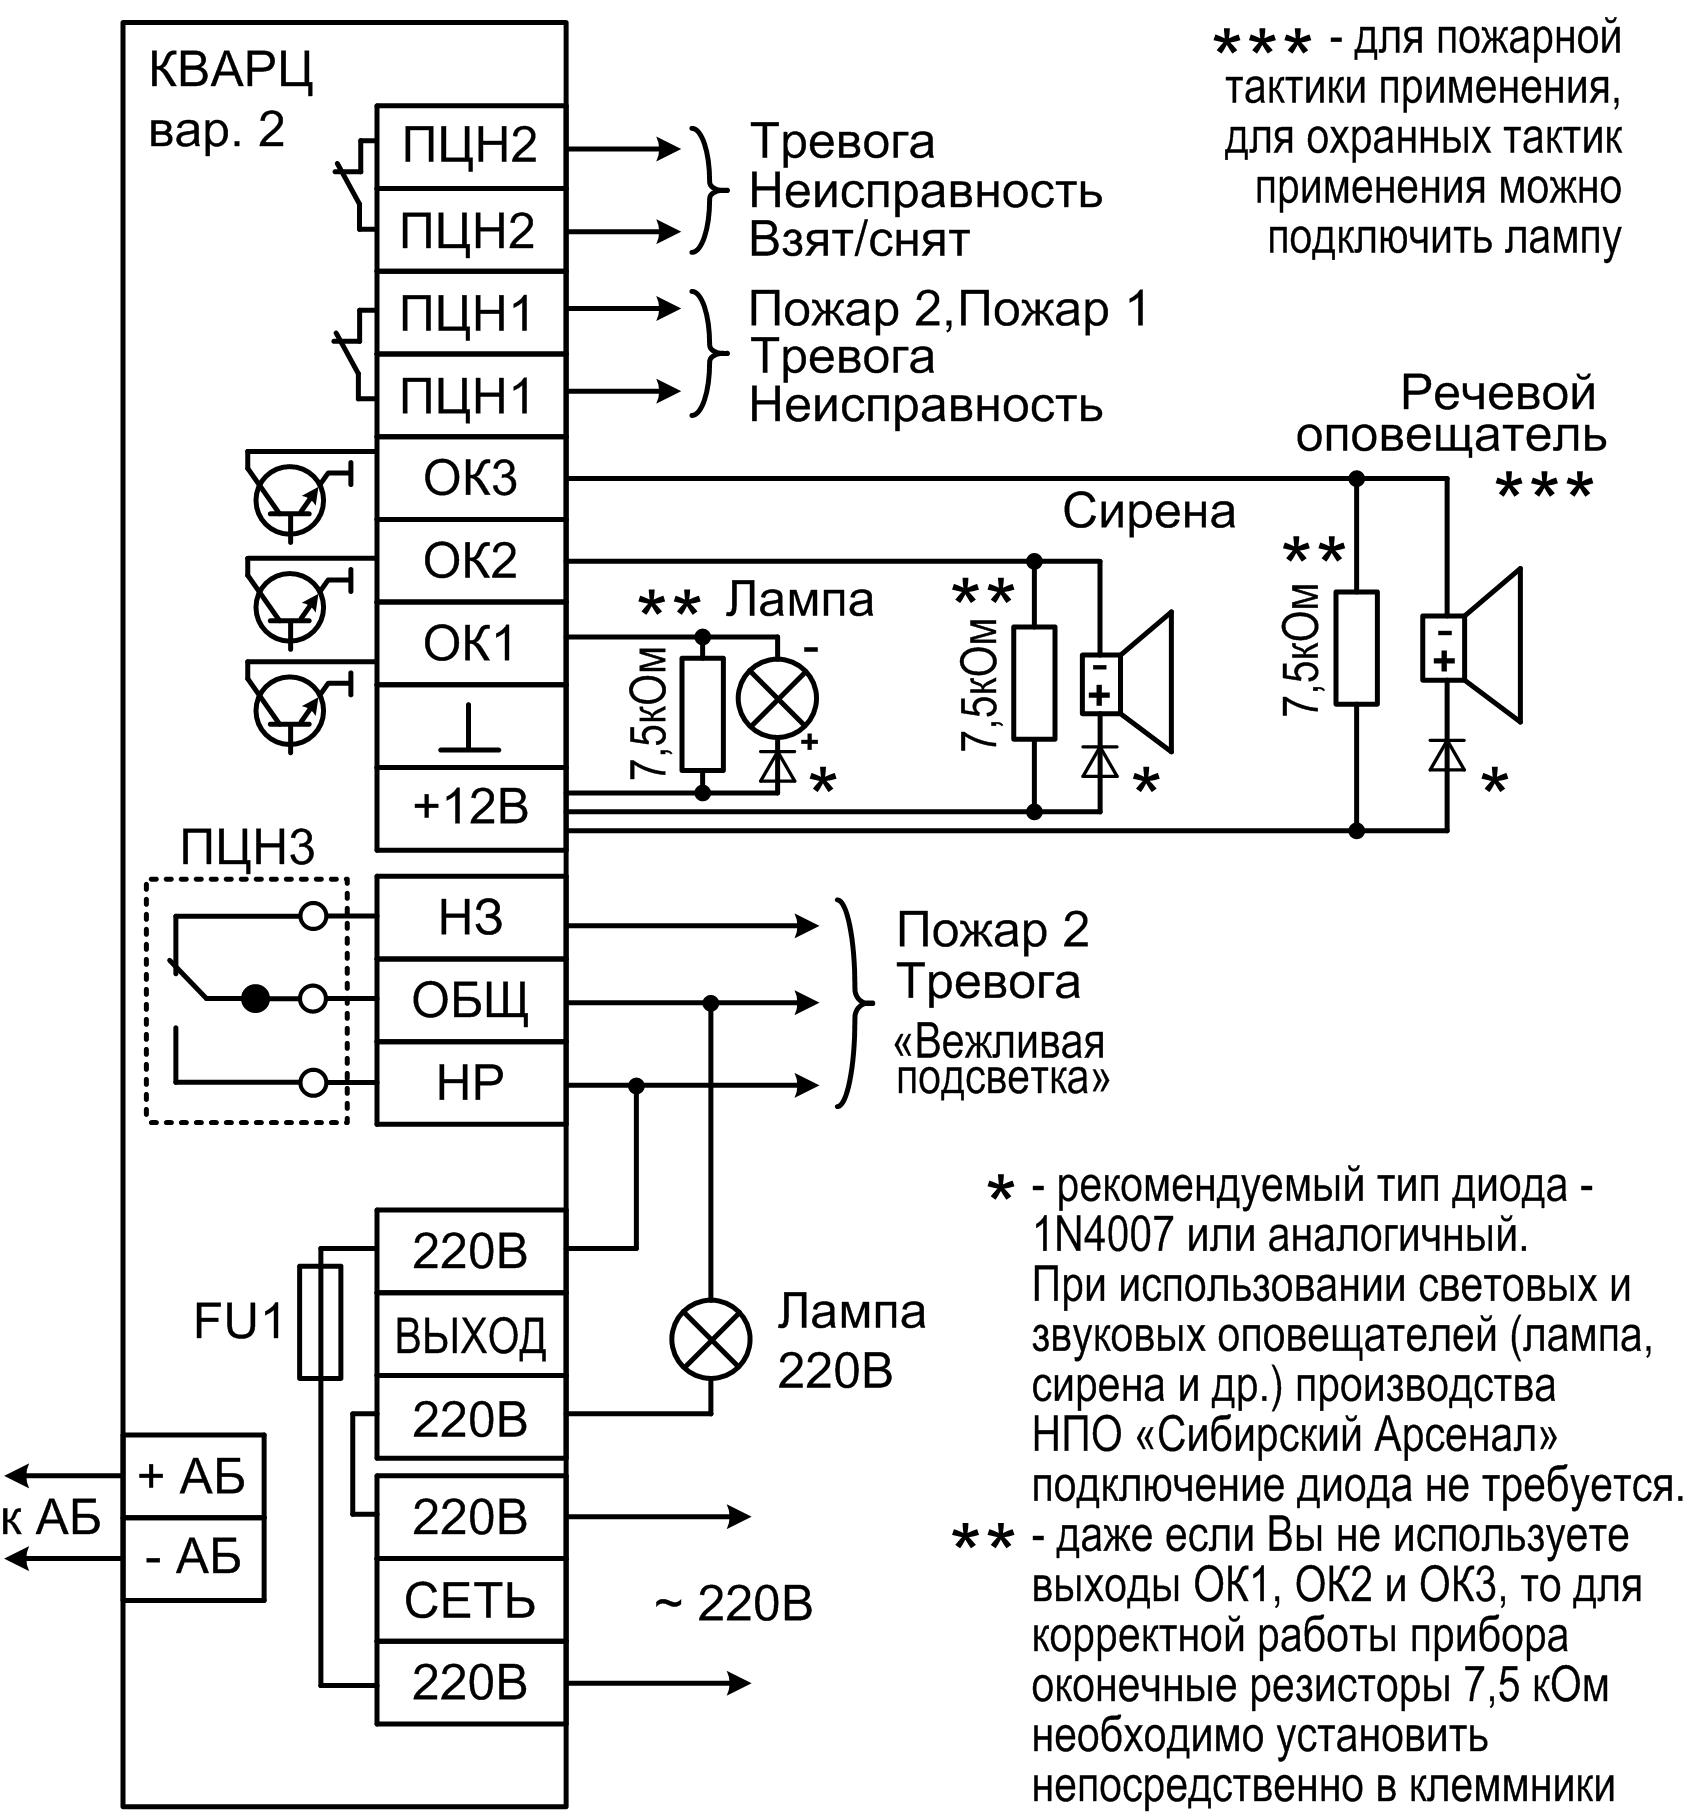 Схема пожарной сигнализации кварц фото 67